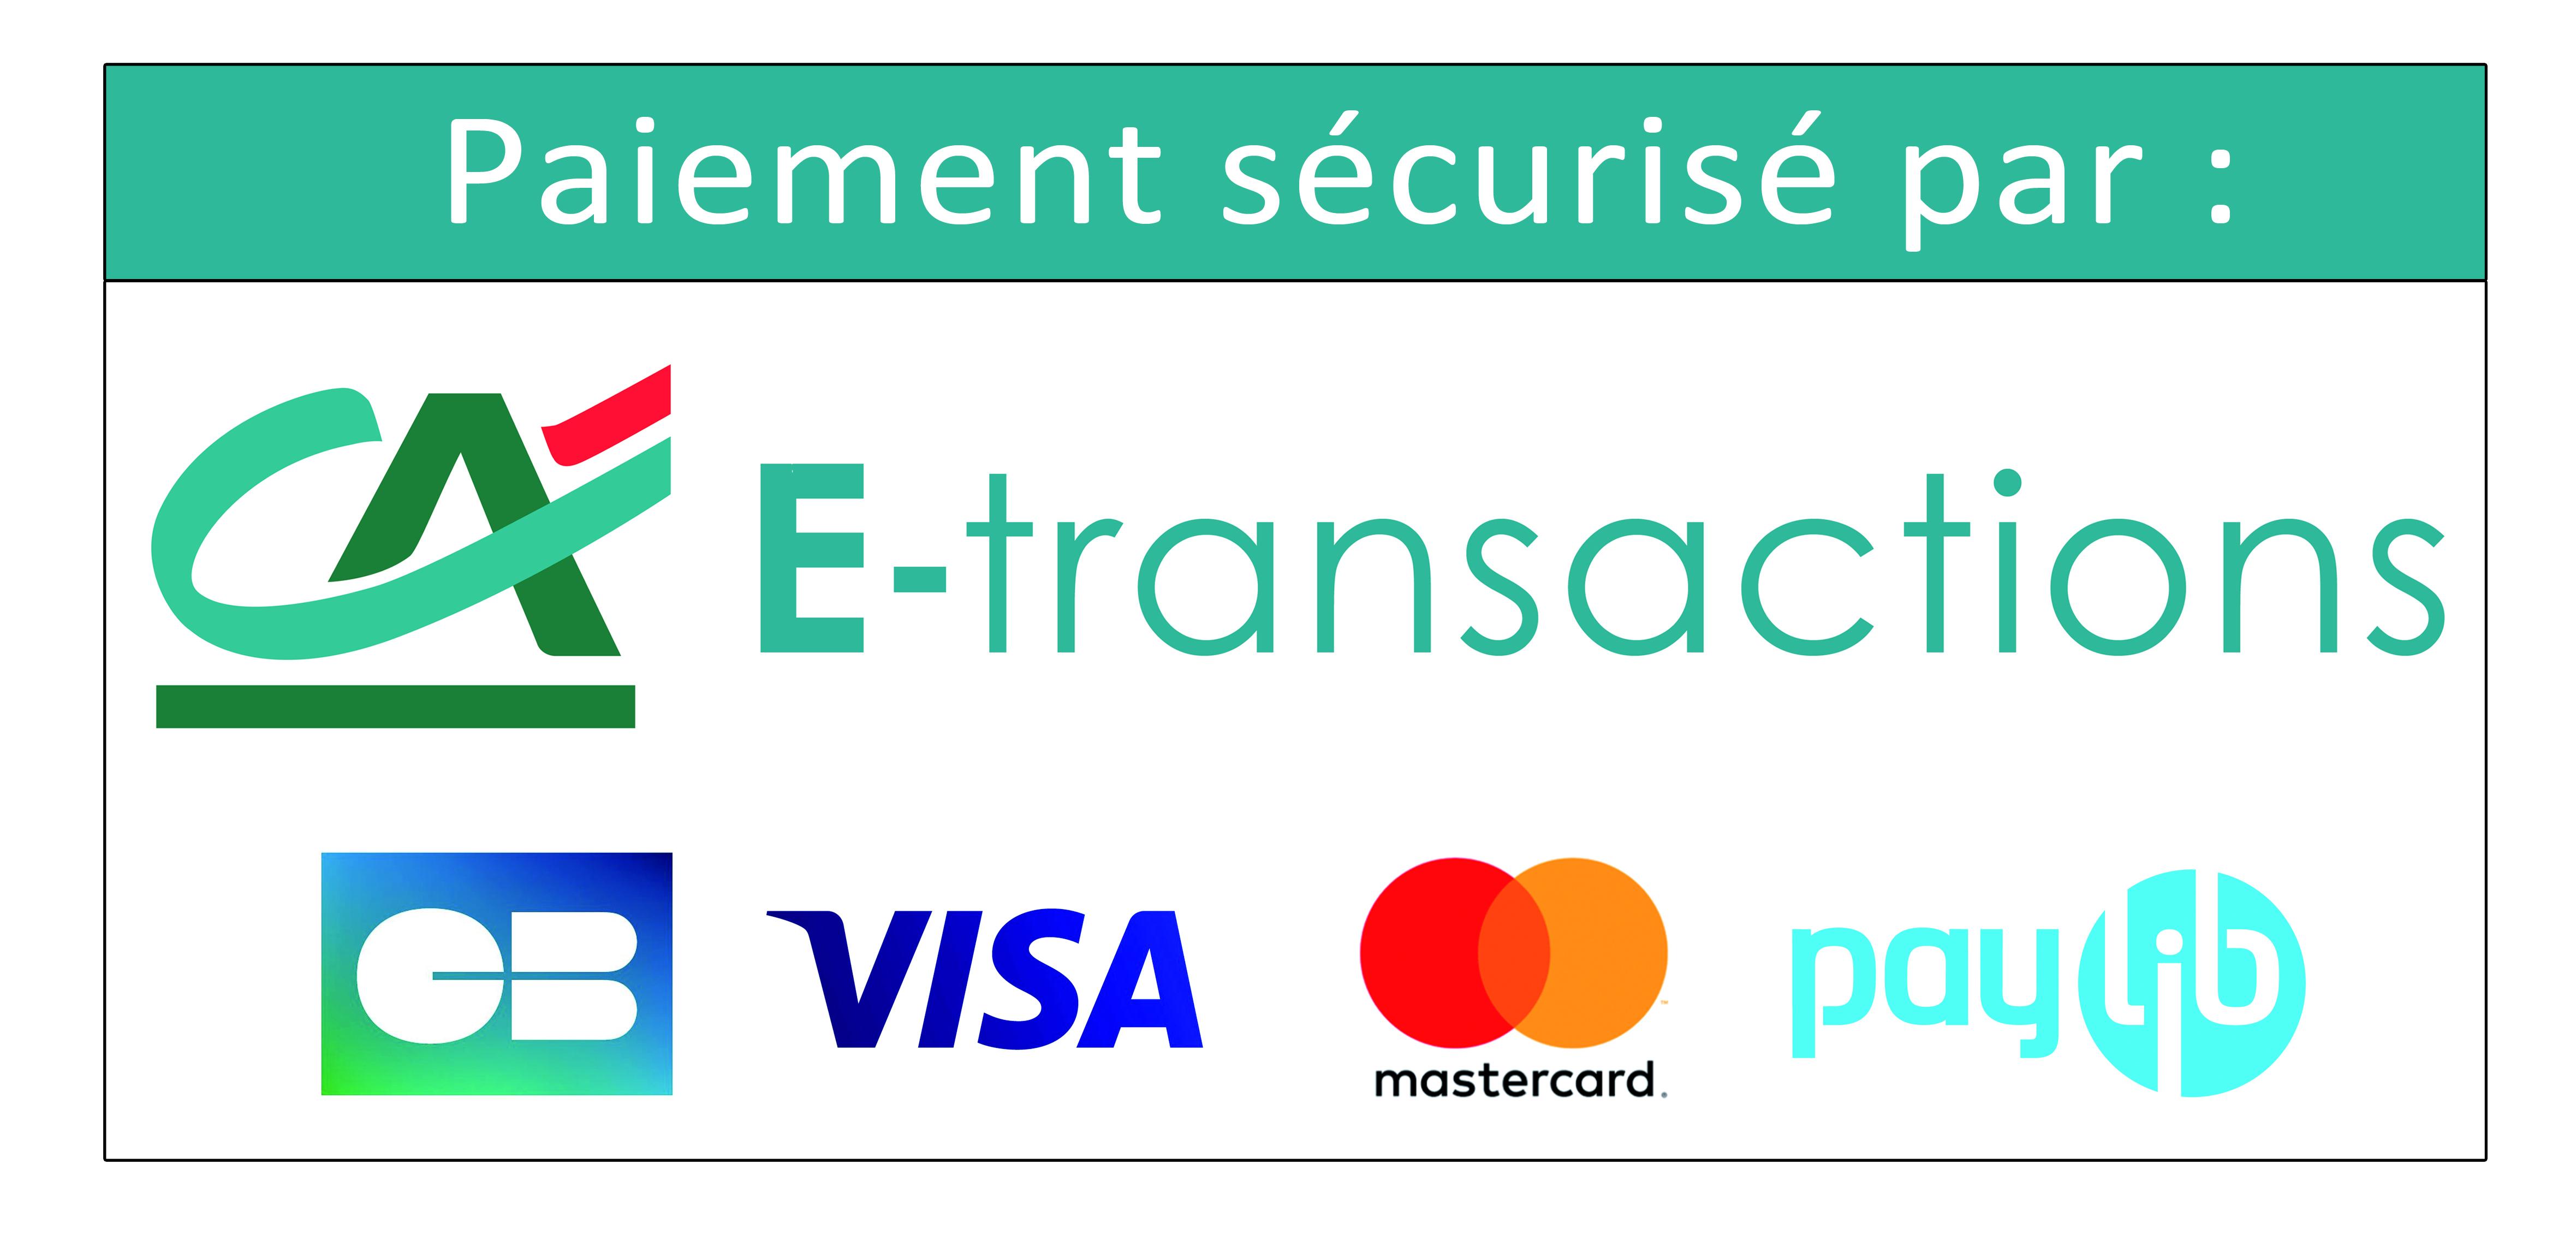 Paiement_Securise_par_E-transactions.jpg